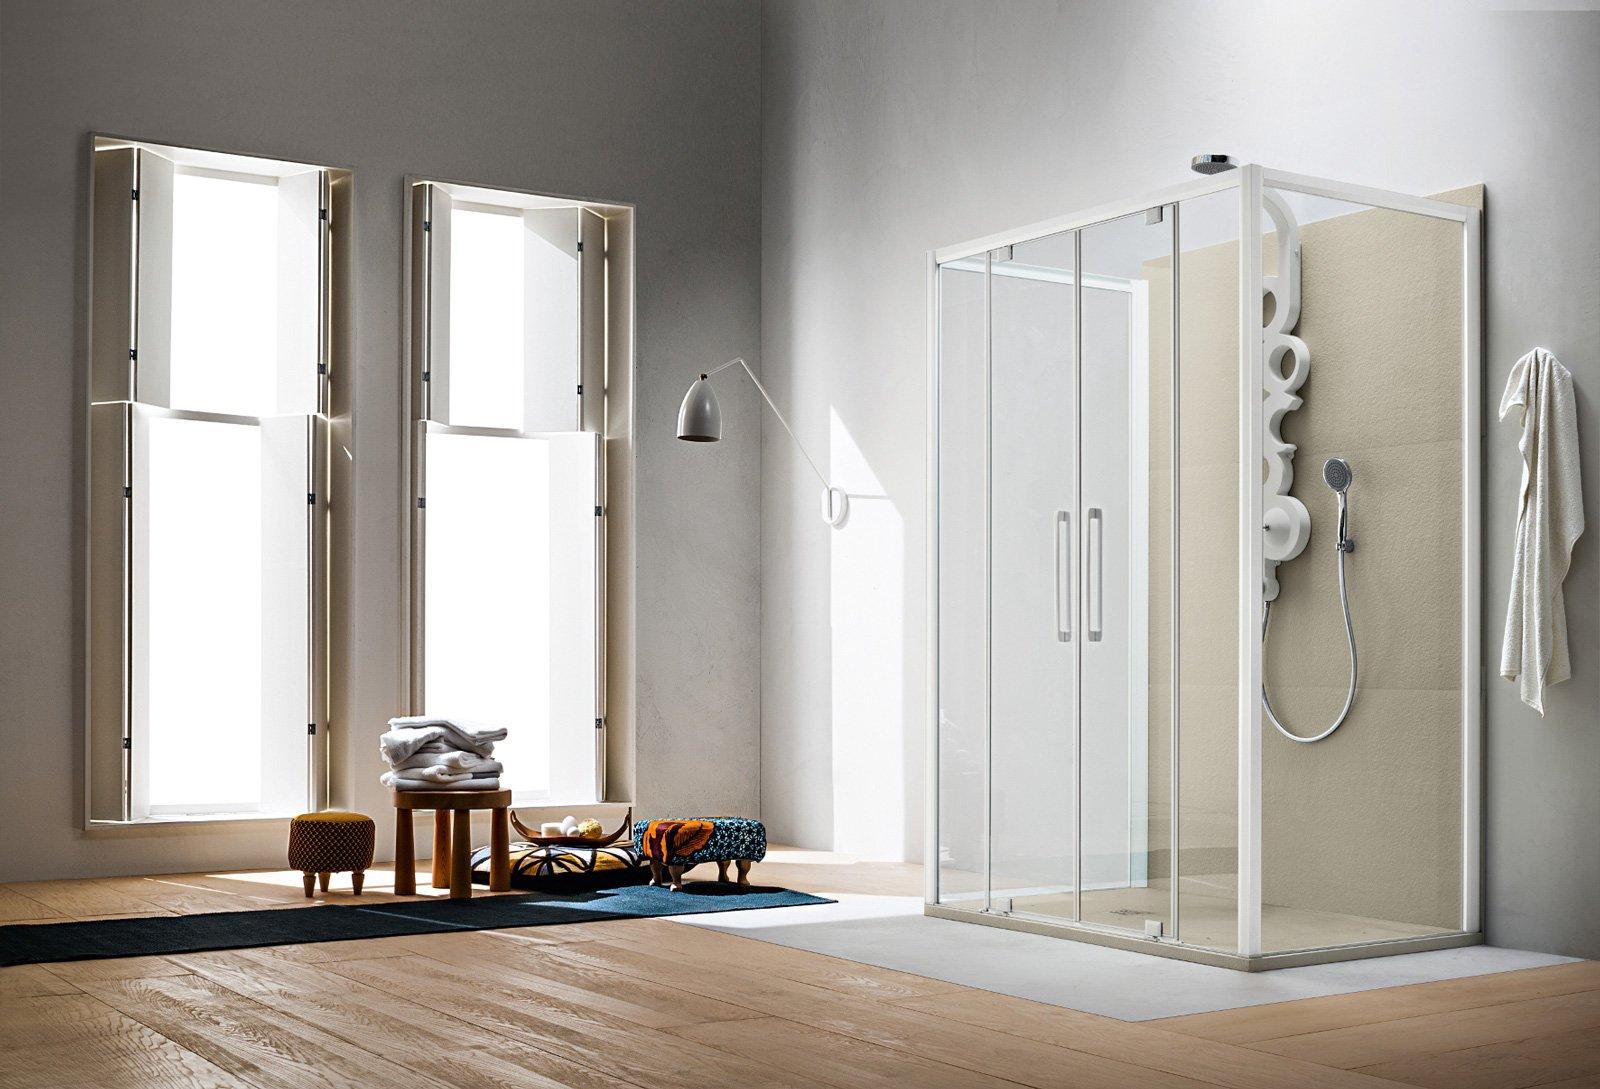 Ha profilo bianco seta e lastra trasparente, la cabina doccia a parete Perseo di Arblu con due ante saloon centrali di 140 cm. Dotata di due lati aggiuntivi per il piatto doccia di 90 cm, è alta 200 cm. Prezzo 2.178 euro. www.arblu.it